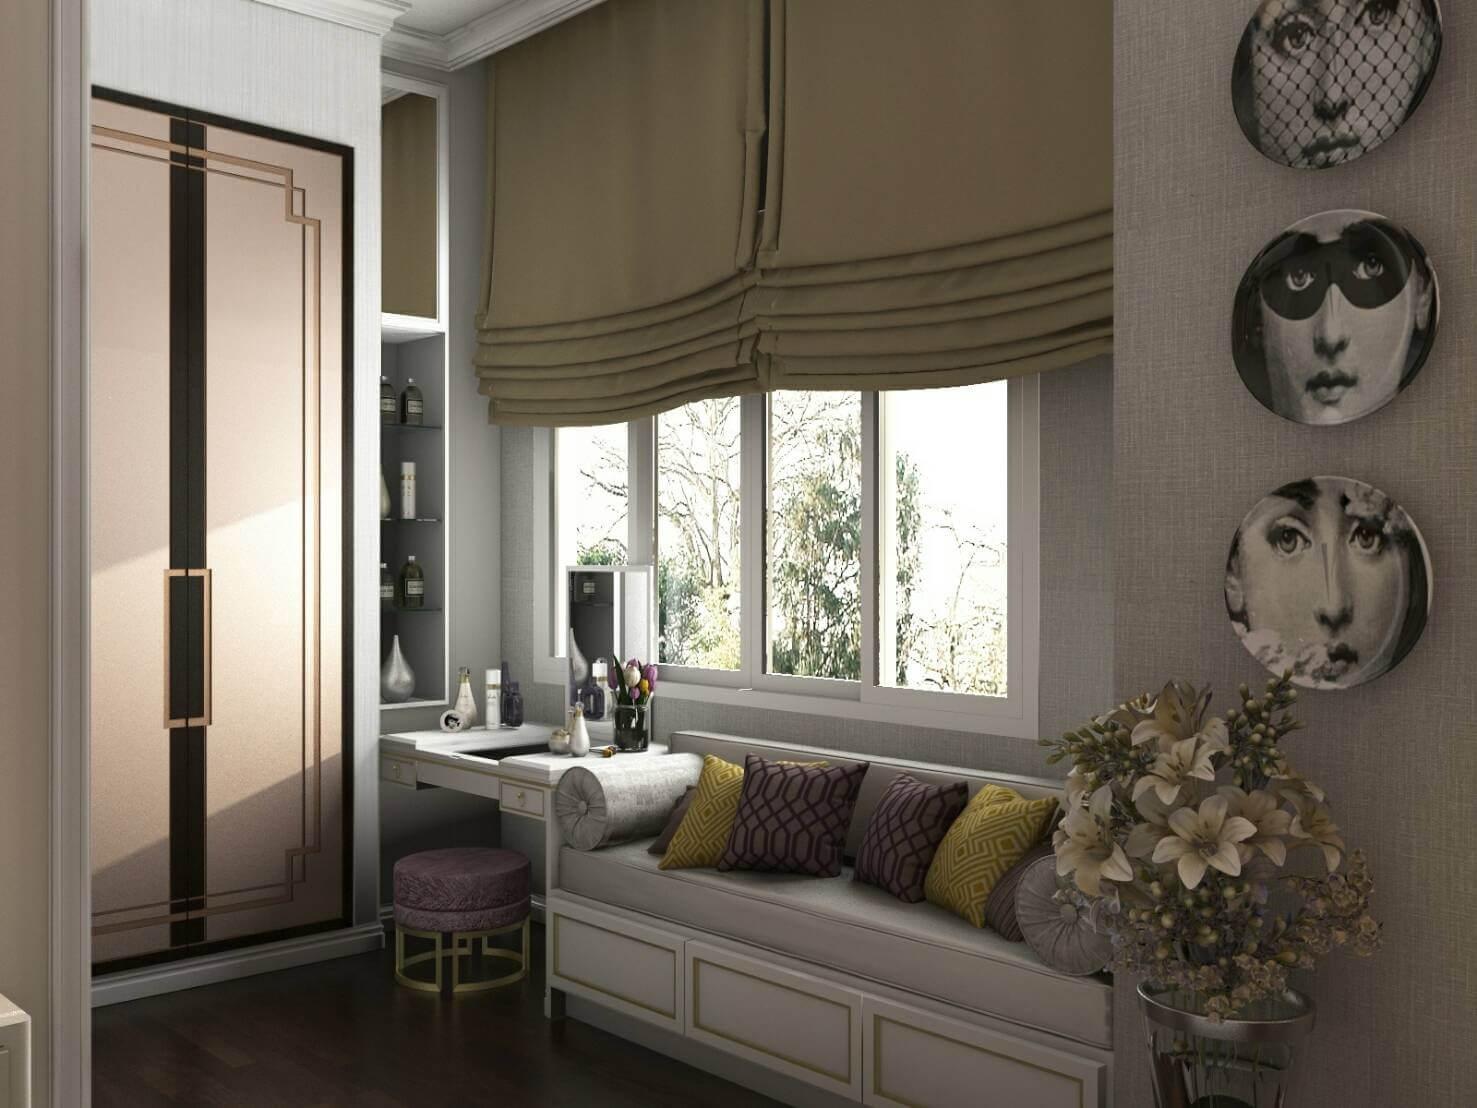 ออกแบบตกแต่งภายใน ตกแต่งภายใน ออกแบบภายใน บริษัทออกแบบภายใน ห้องแต่งตัว interior Bareo รับออกแบบตกแต่งภายใน รับออกแบบตกแต่ง